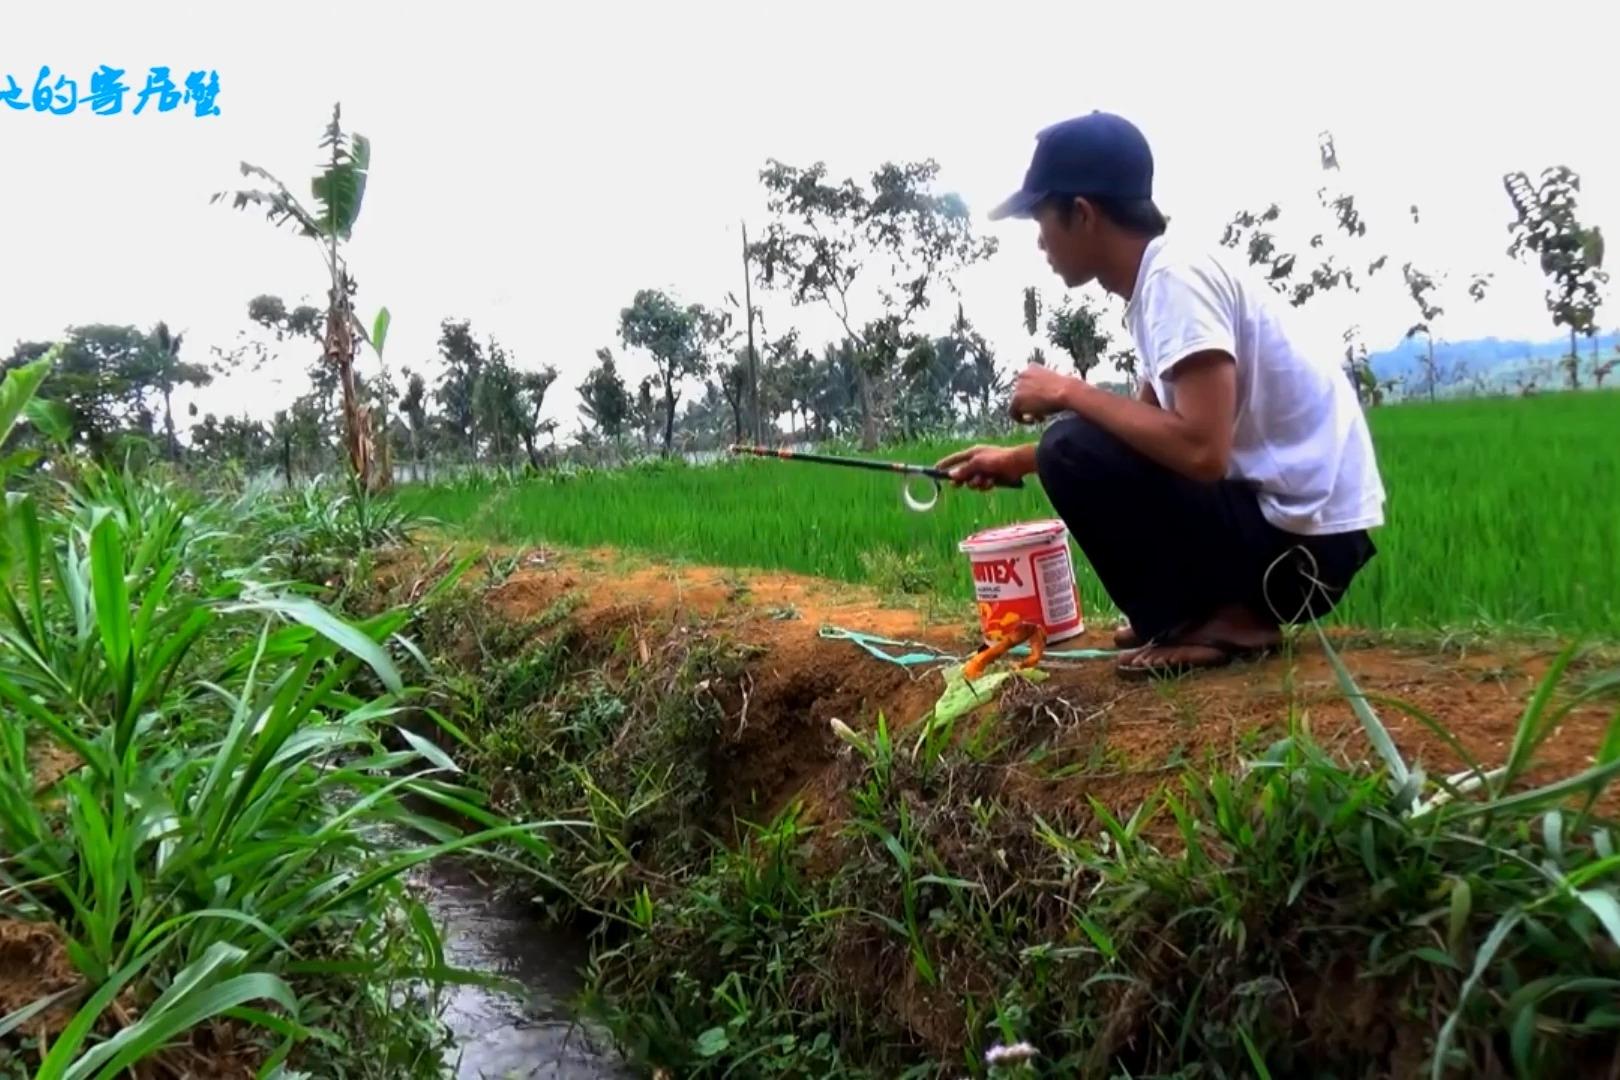 稻田旁小河沟野钓,用最小的钩最短的竿,比钓大鱼都有趣!